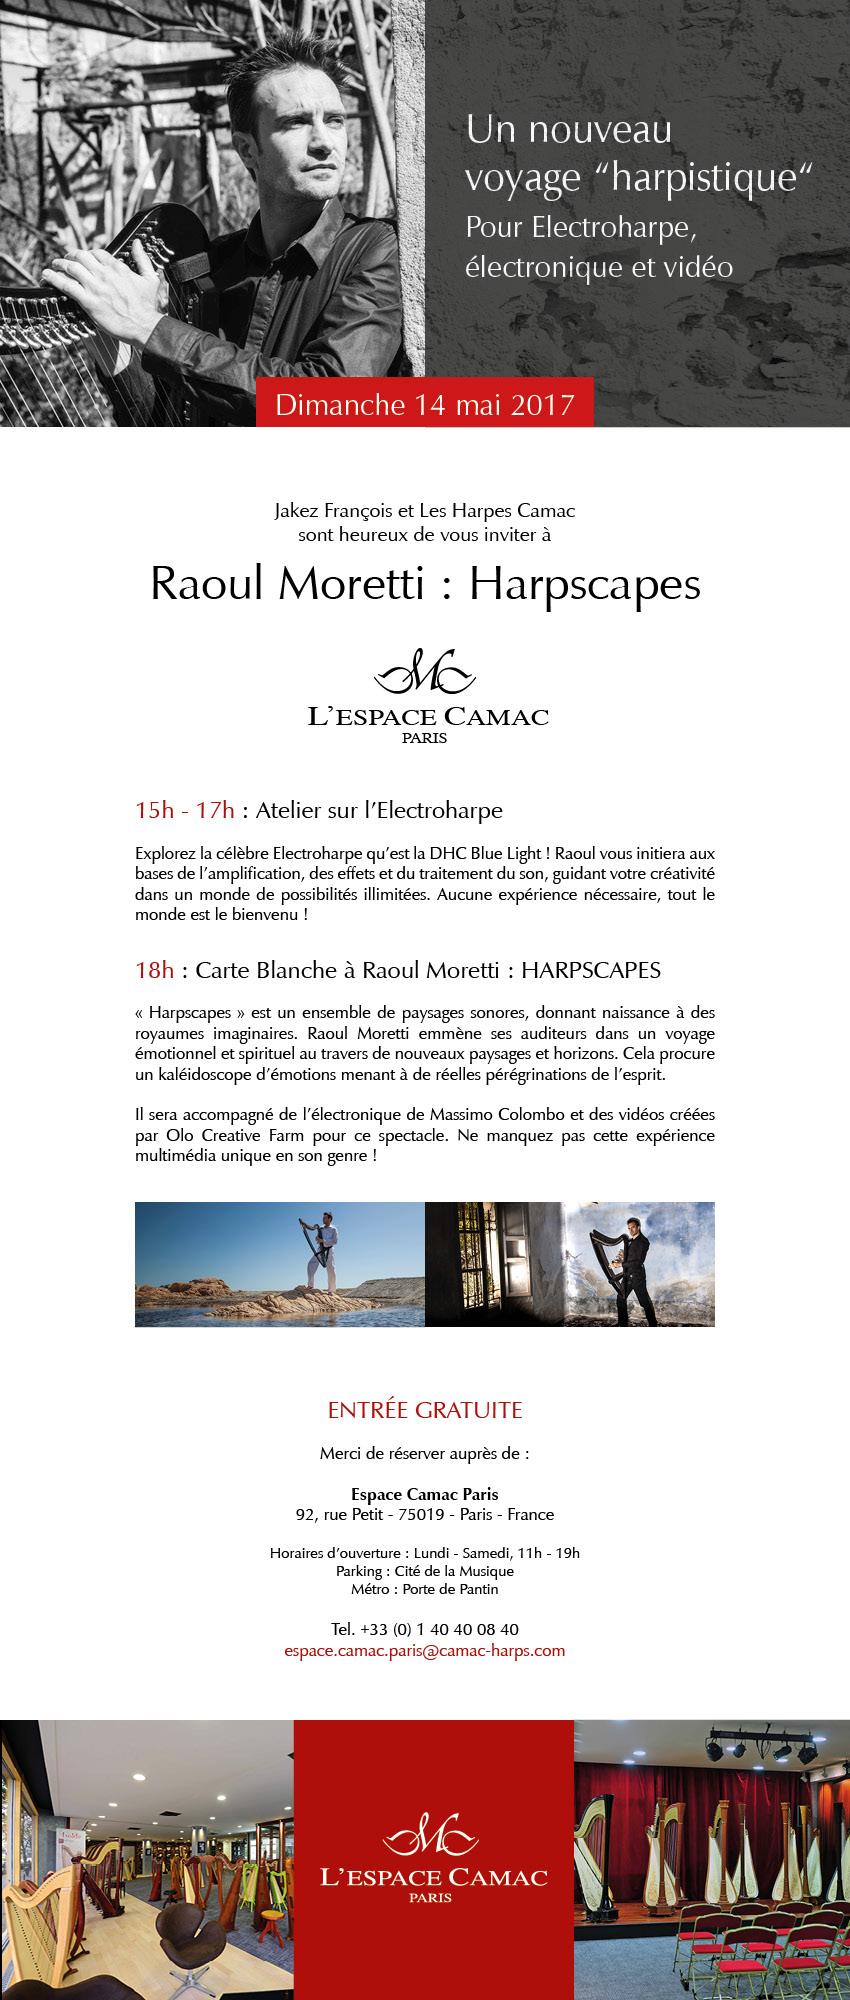 Raoul Moretti @ L'Espace Camac